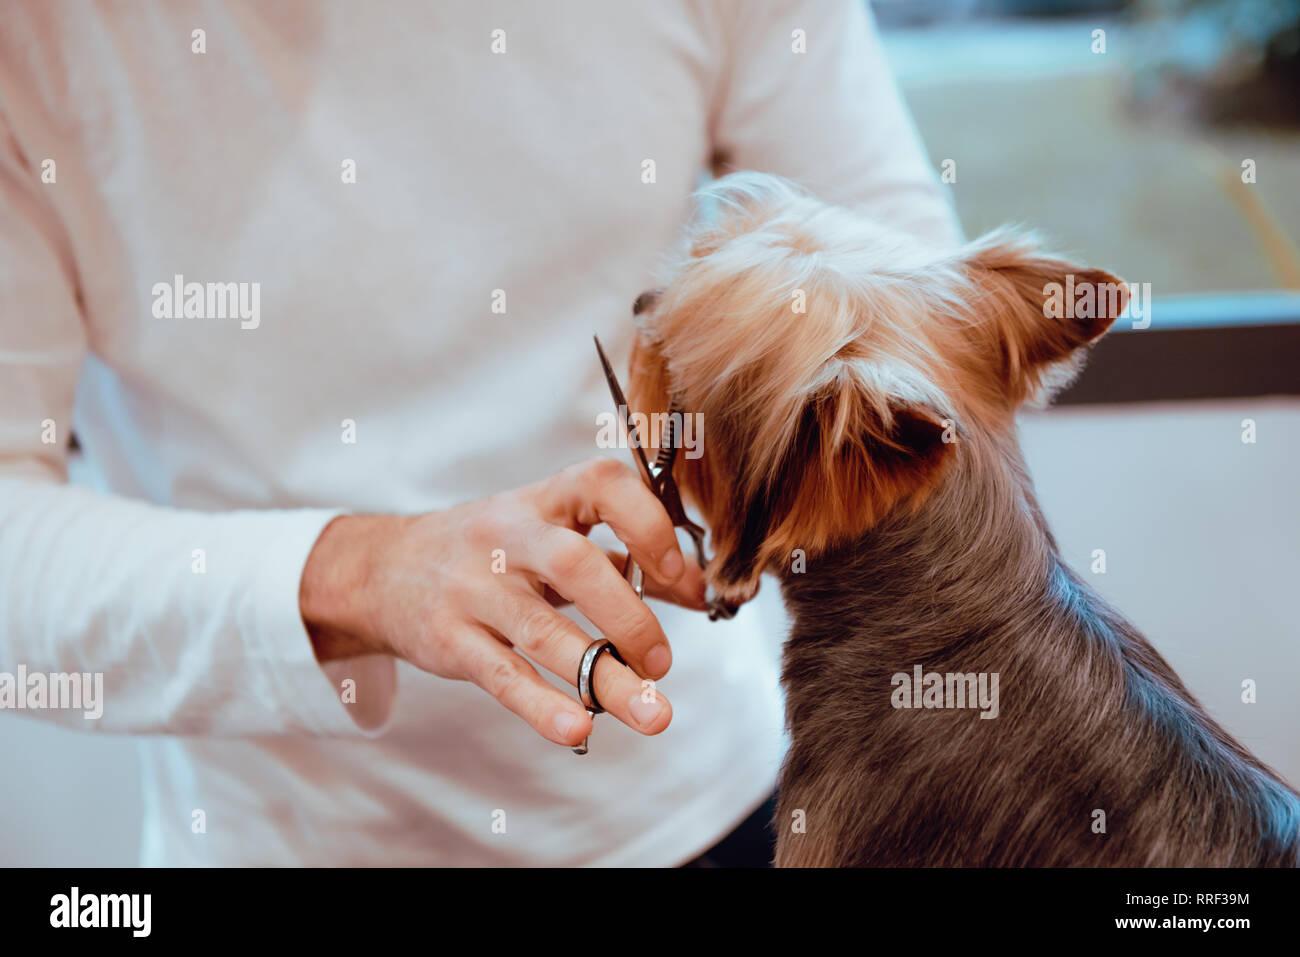 Erntegut groomer Trimmen der Pelz der Kleine Hund Stockbild